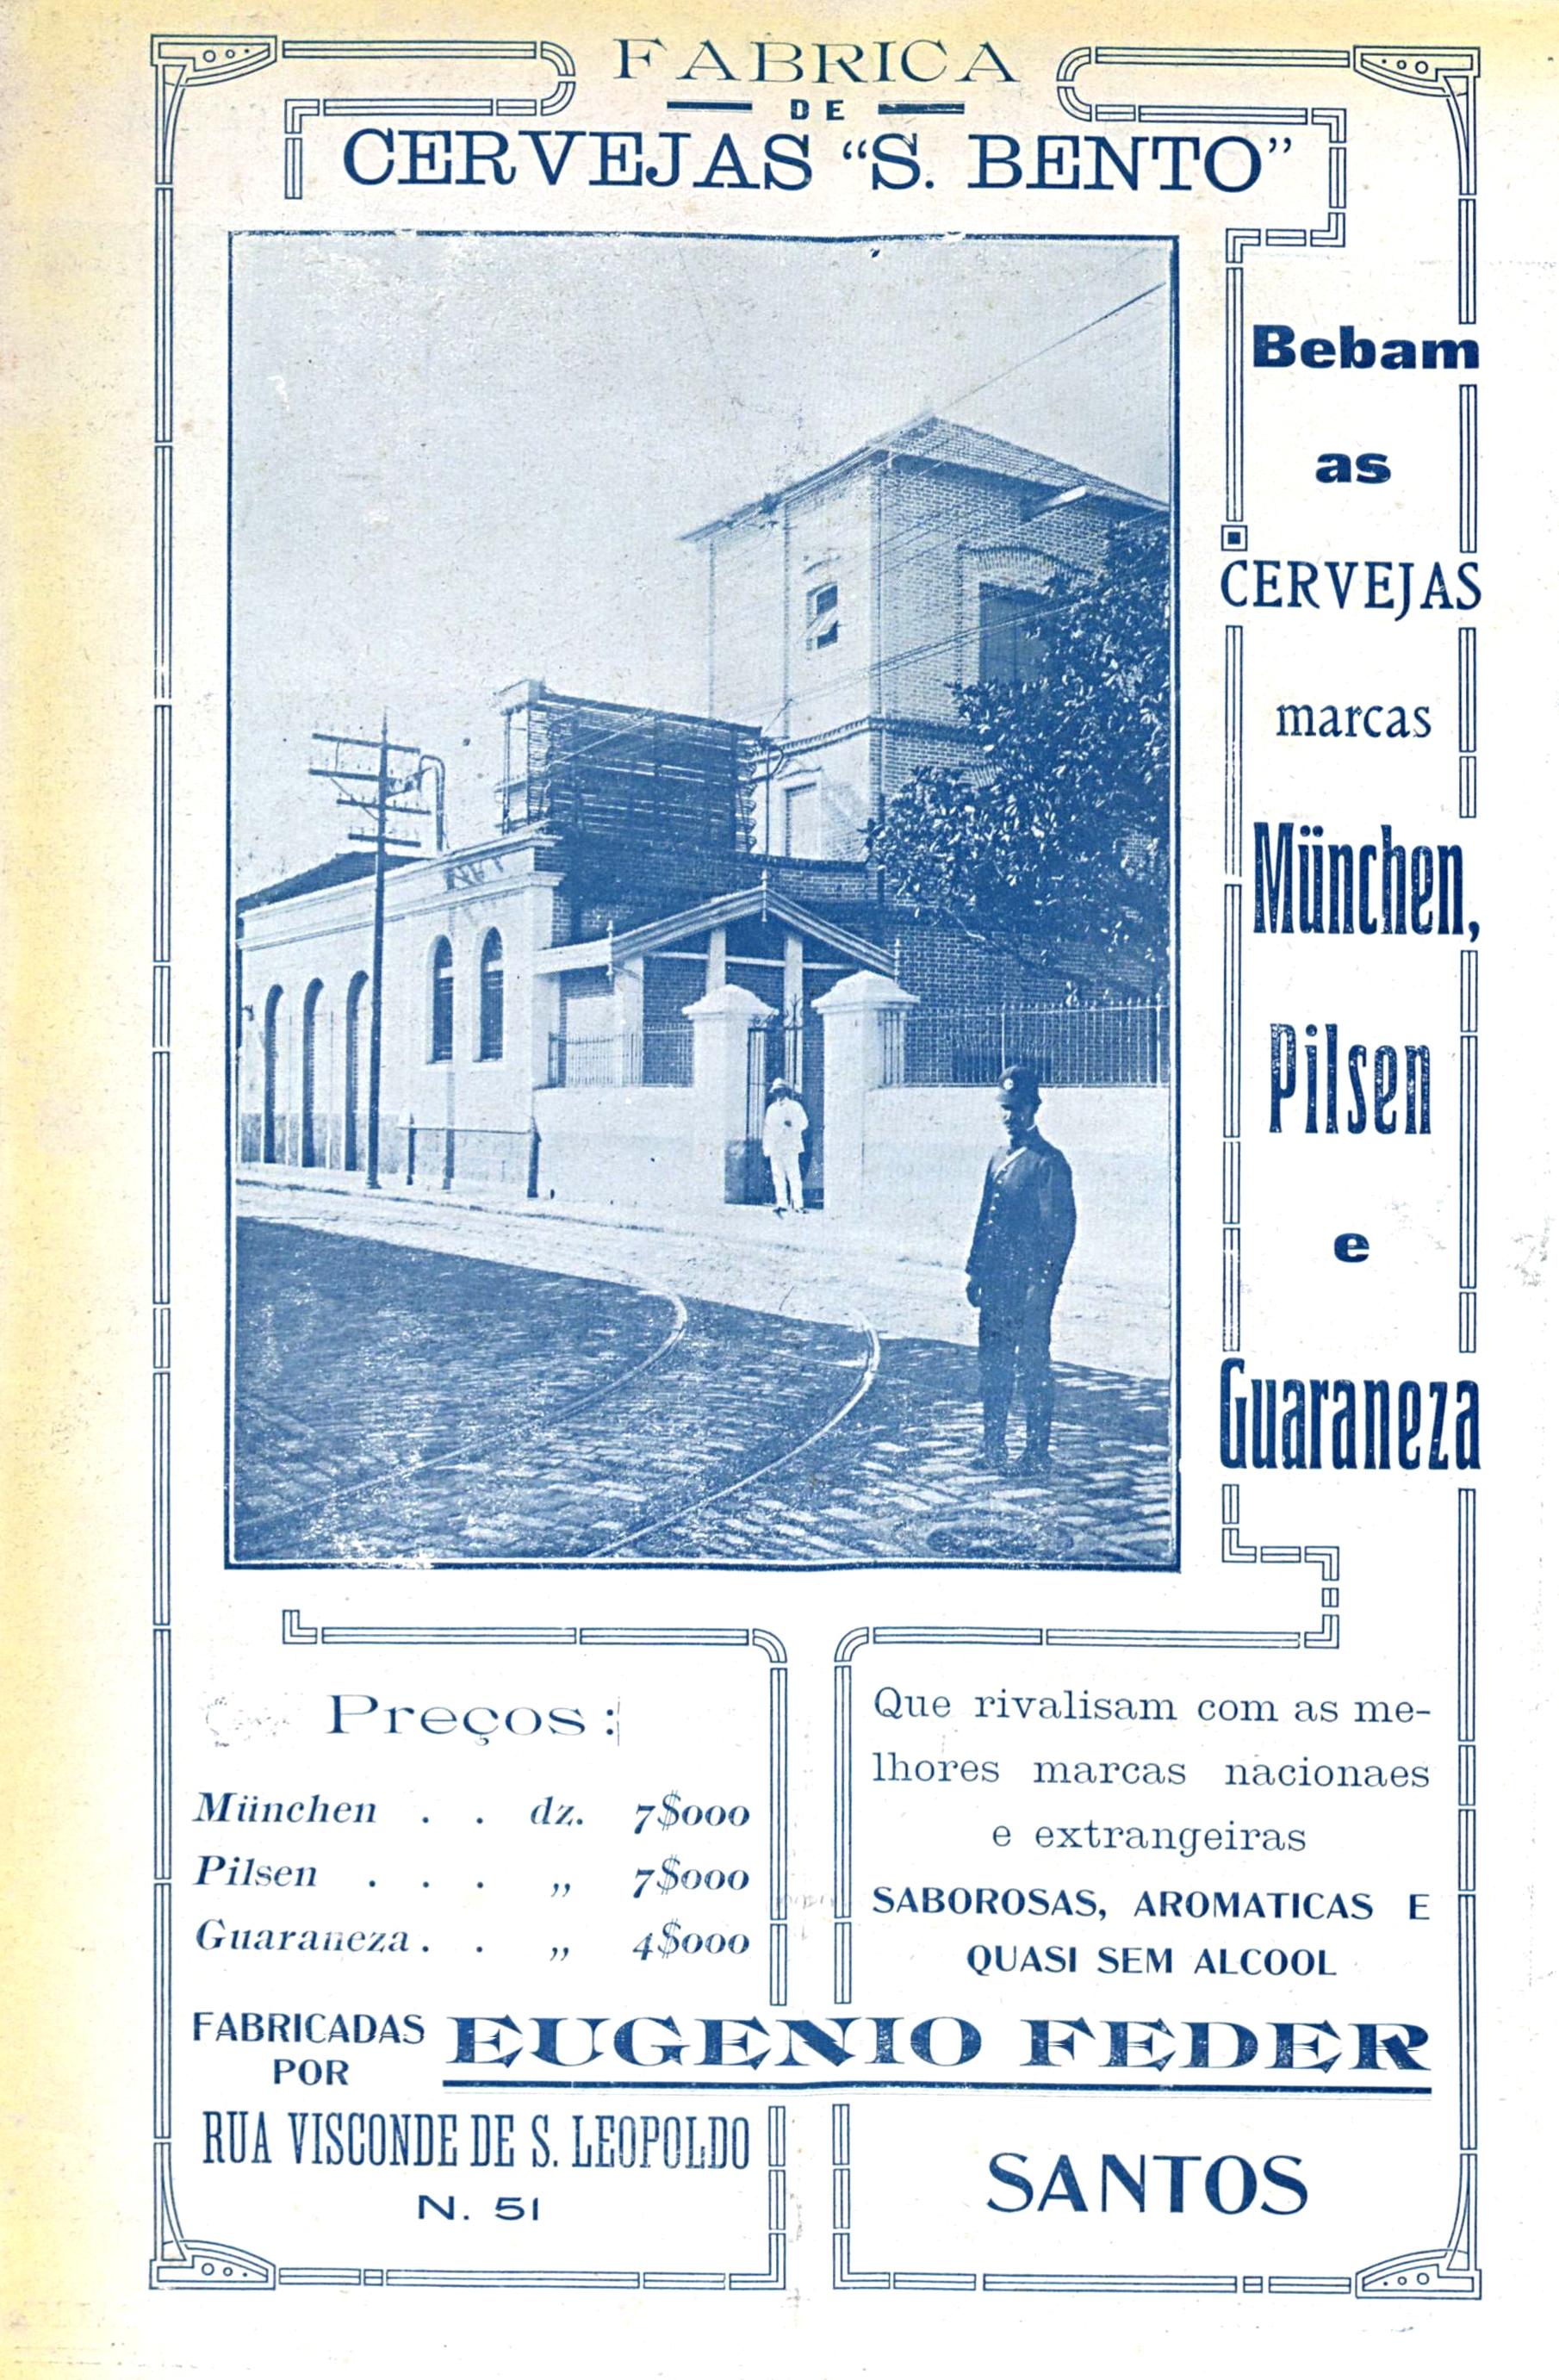 Anuncio da Cervejaria São Bento publicado na revista A Fita, de 1913.